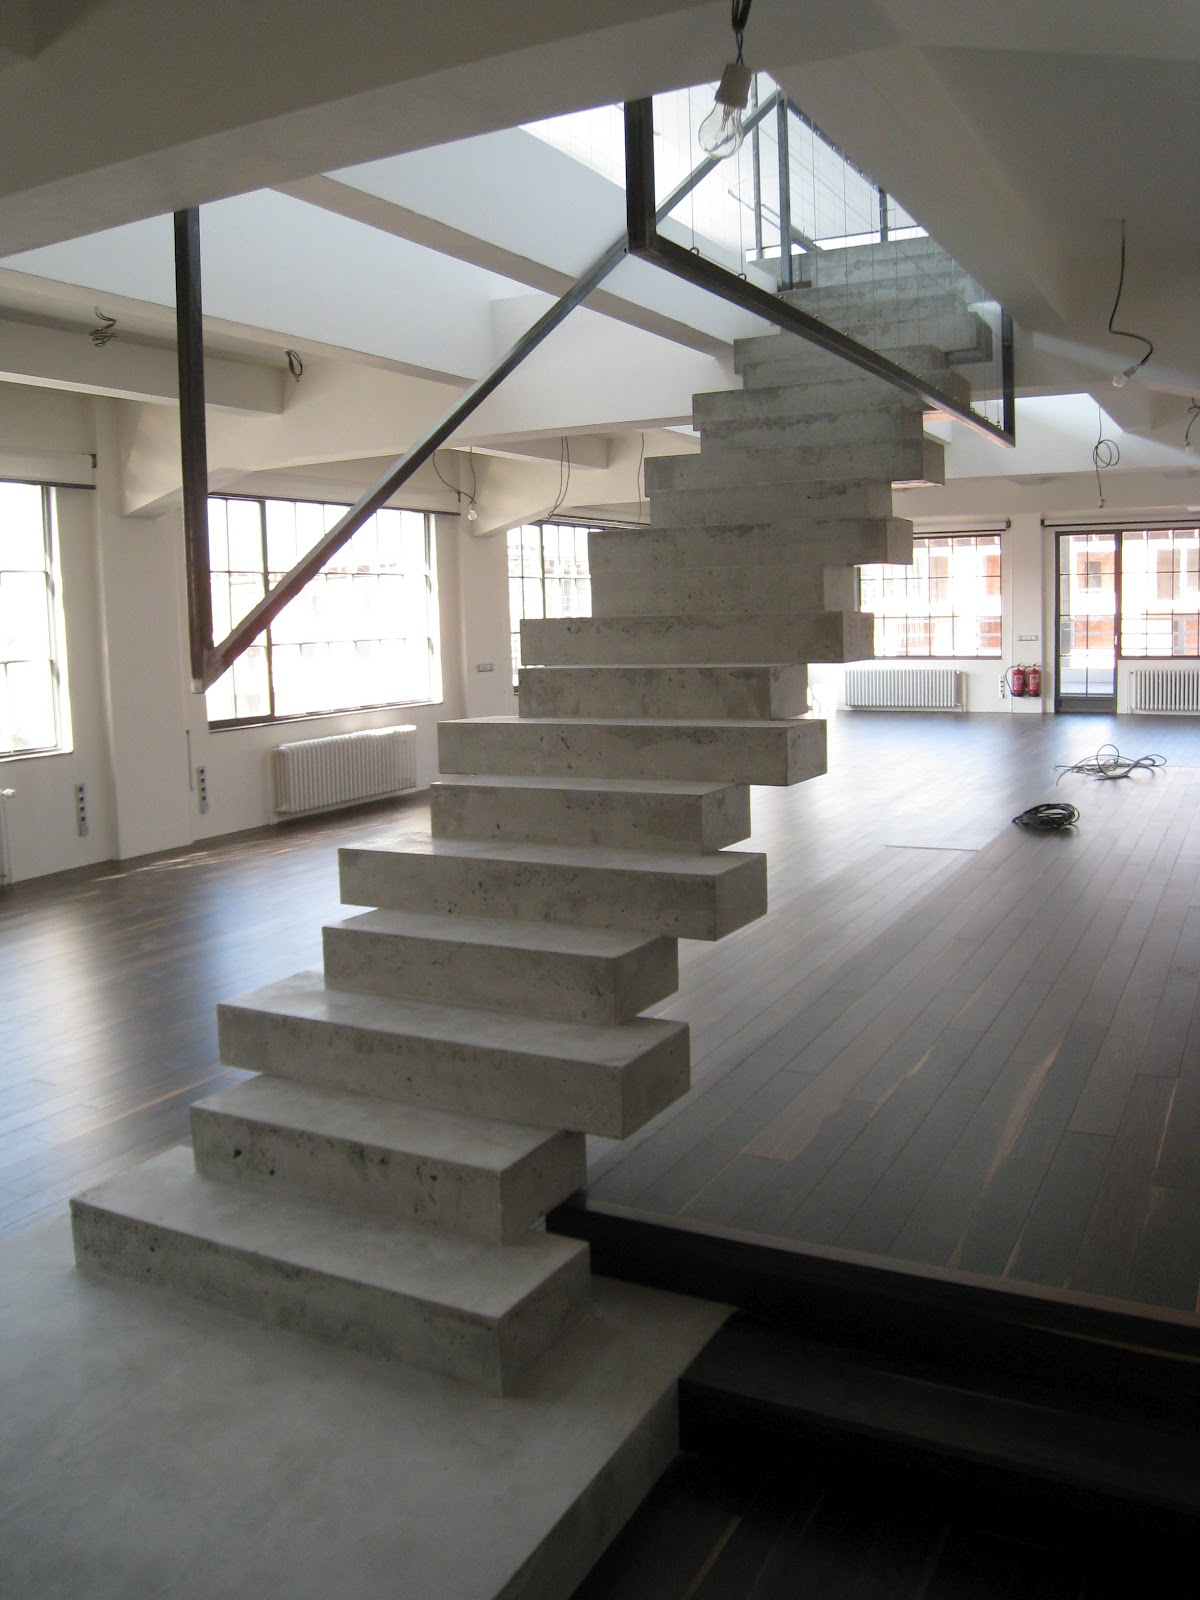 Arte y arquitectura dise o escaleras interiores en hormig n for Formas de escaleras de concreto